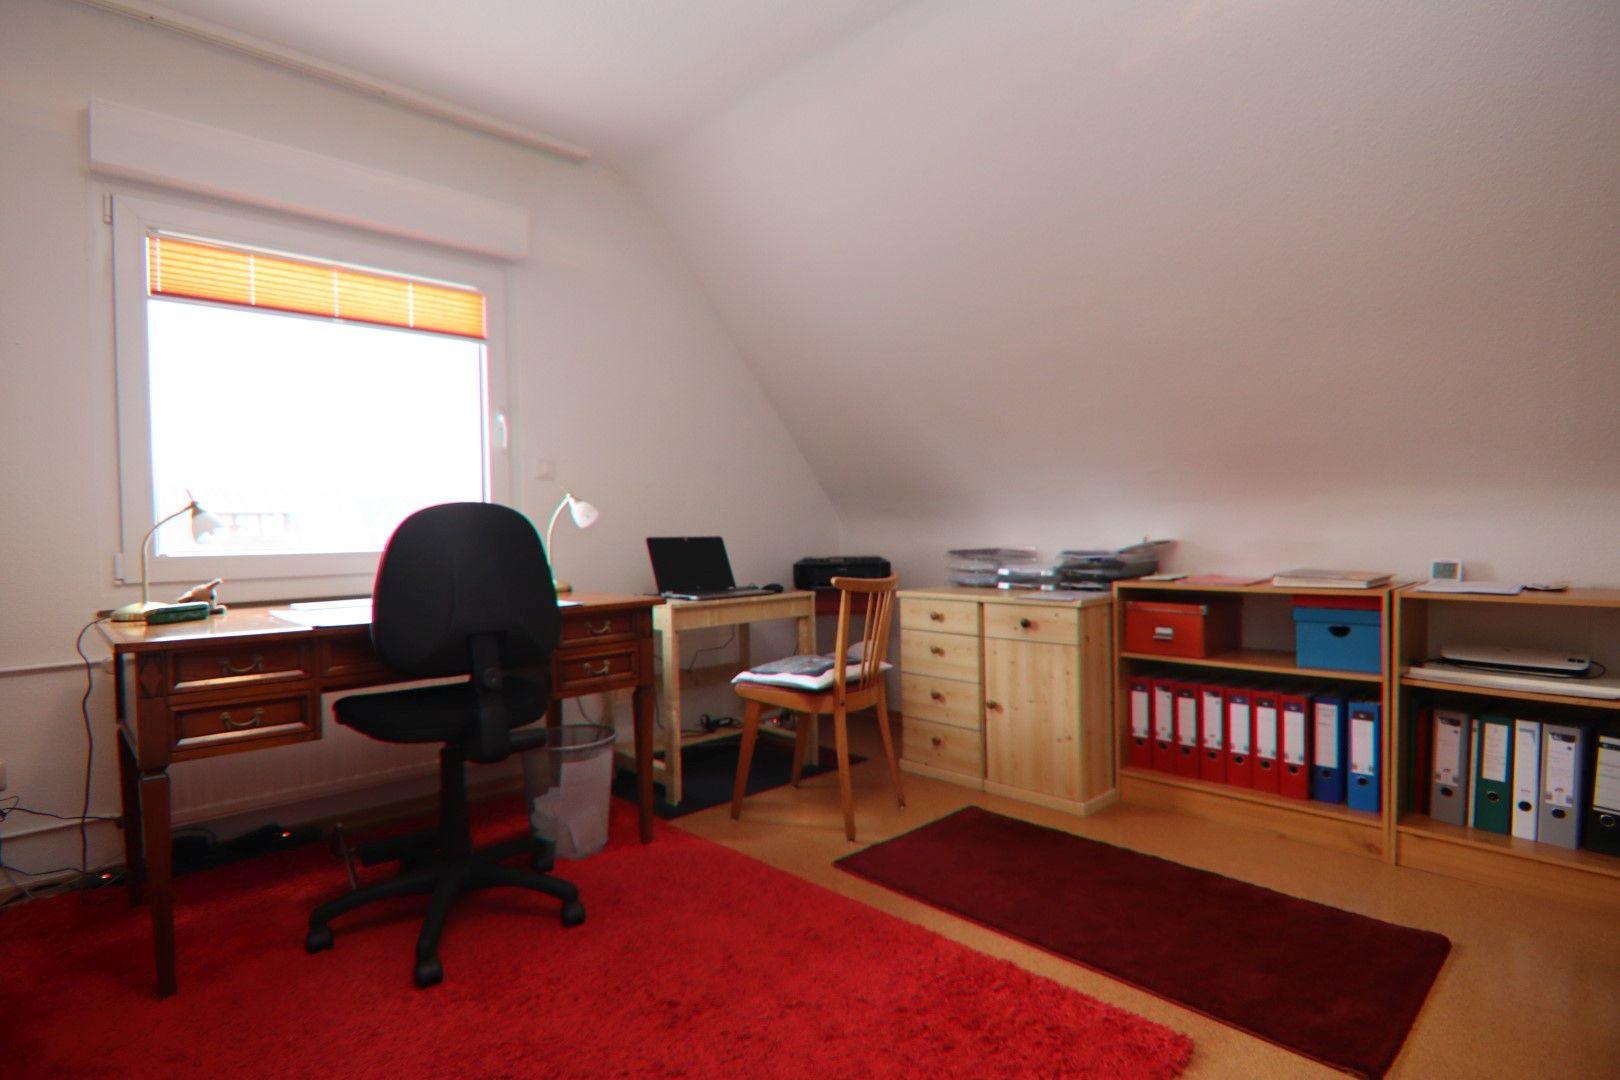 Immobilie Nr.0281 - Freistehendes EFH mit Vollkeller, Wintergarten u. Garage  - Bild 14.jpg